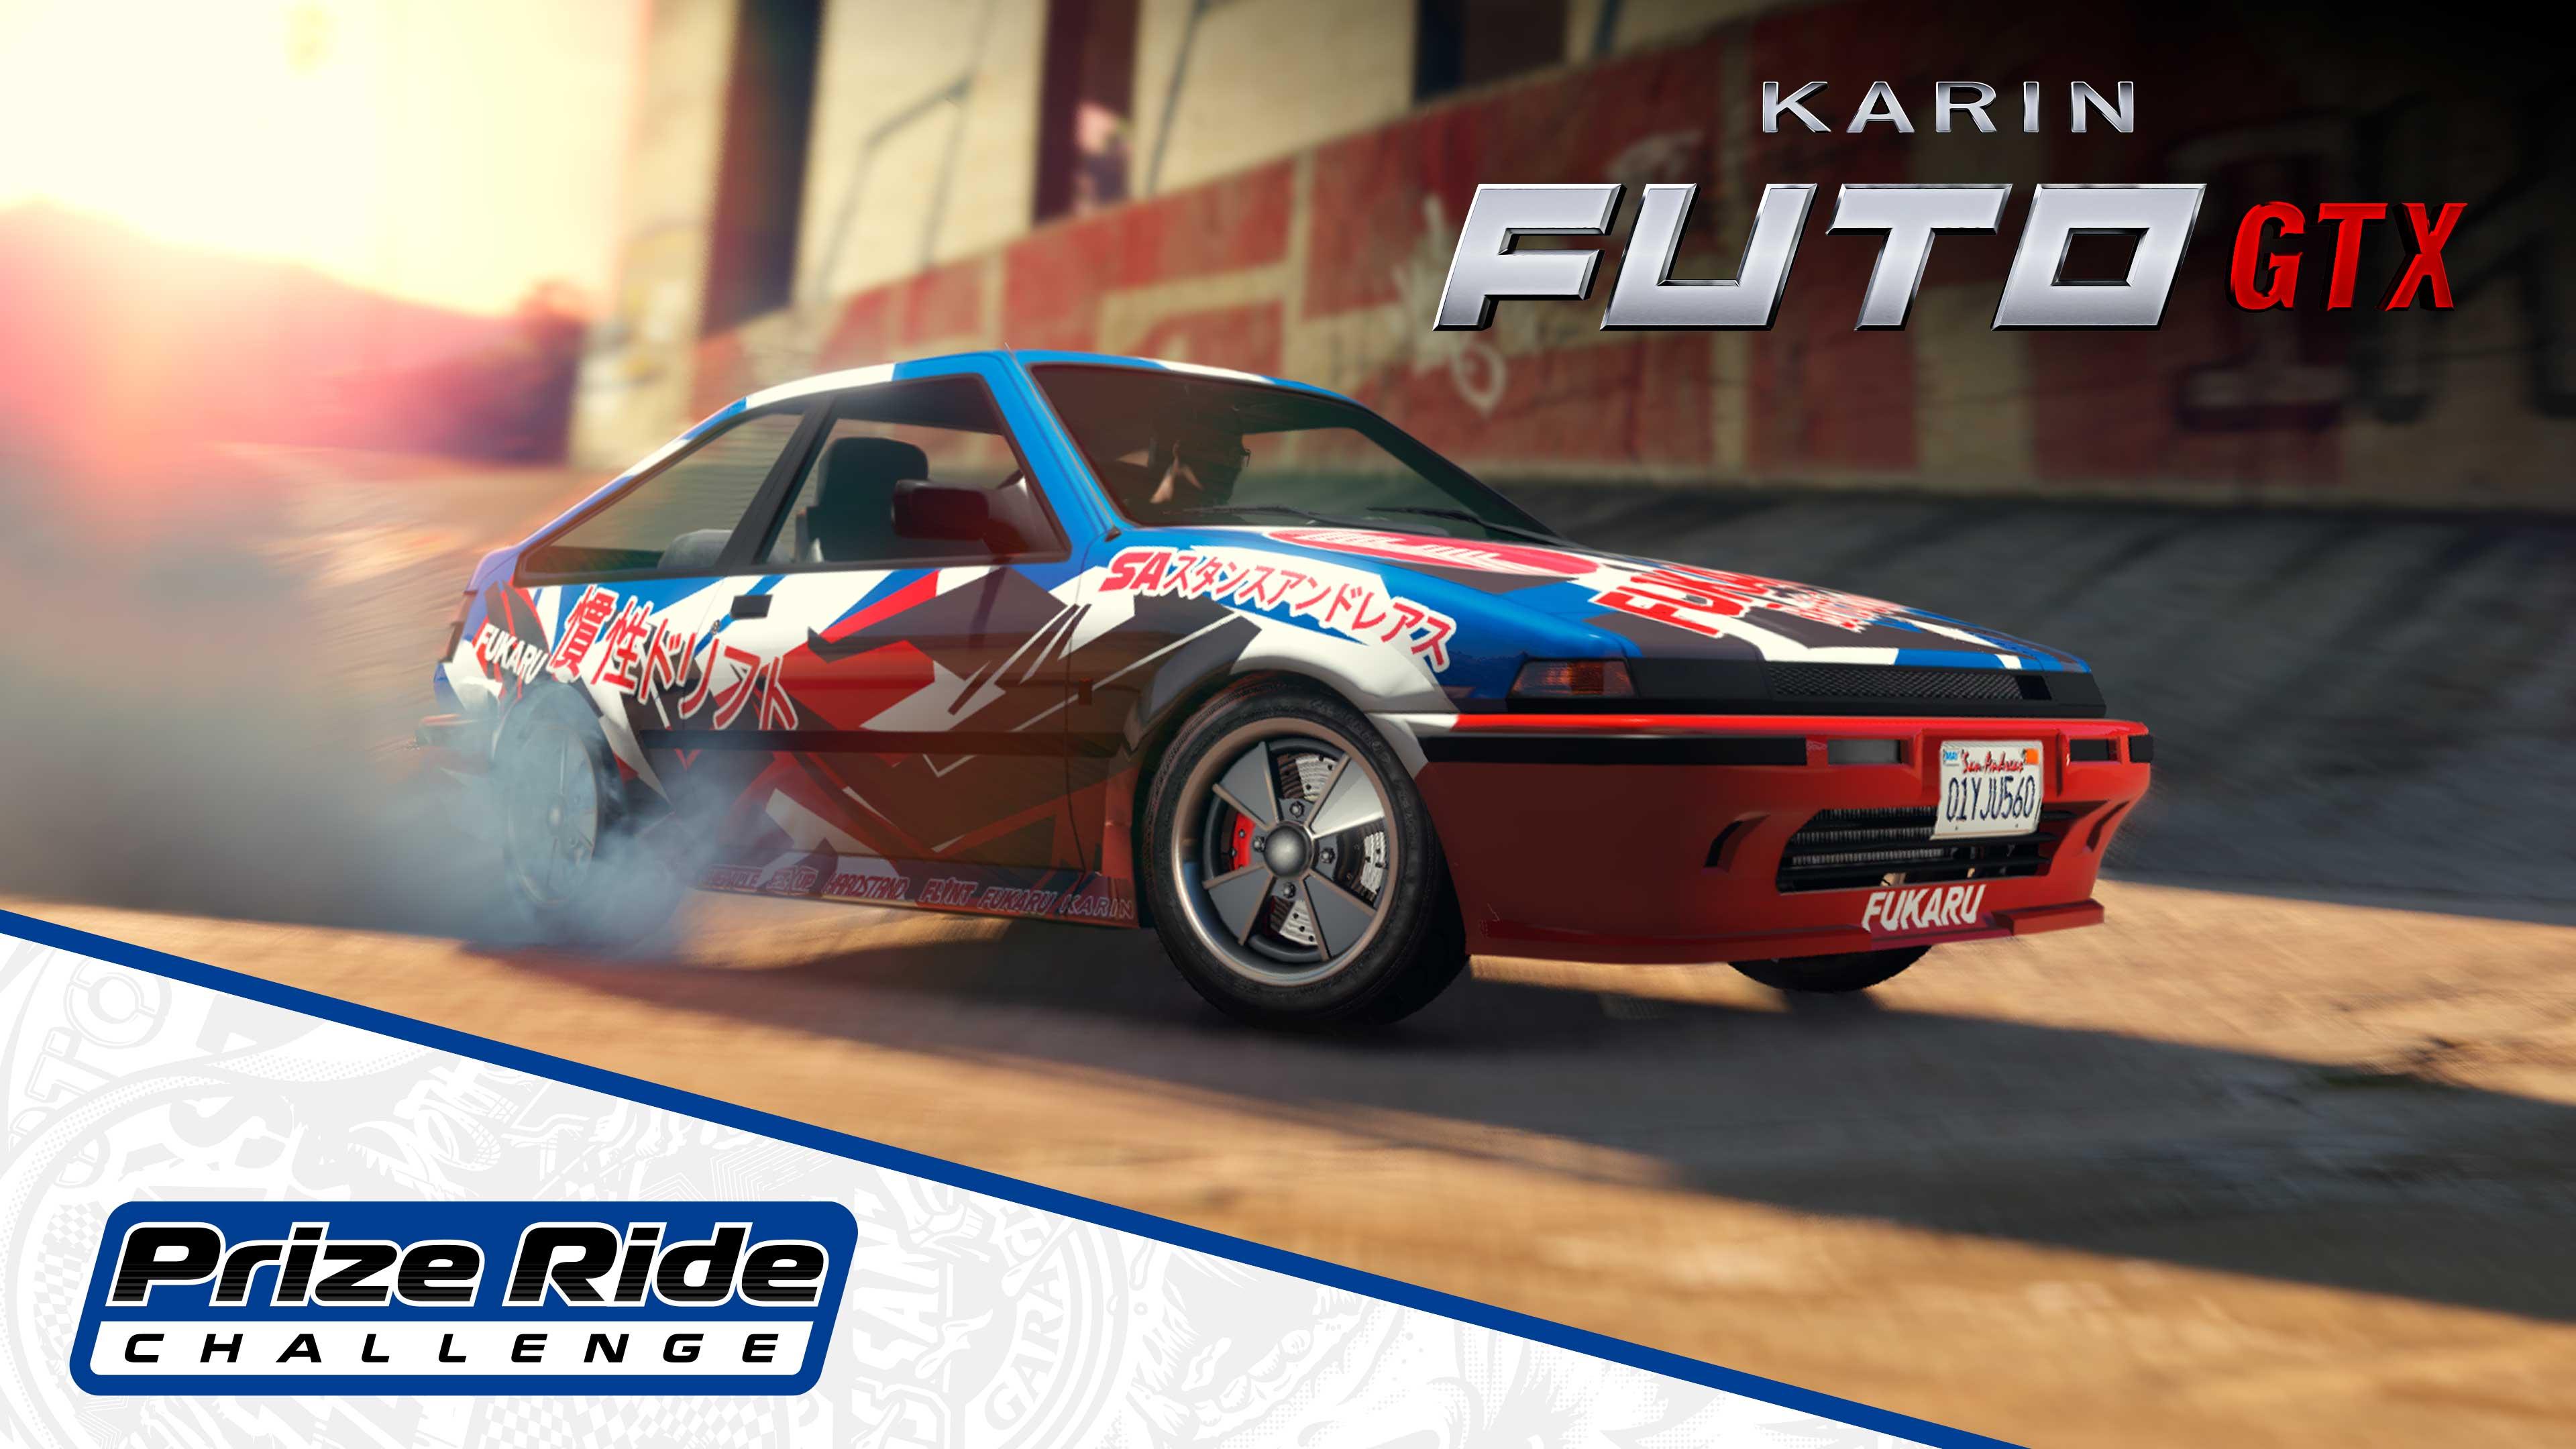 GTA Online Los Santos Tuners Prize Ride: Karin Futo GTX